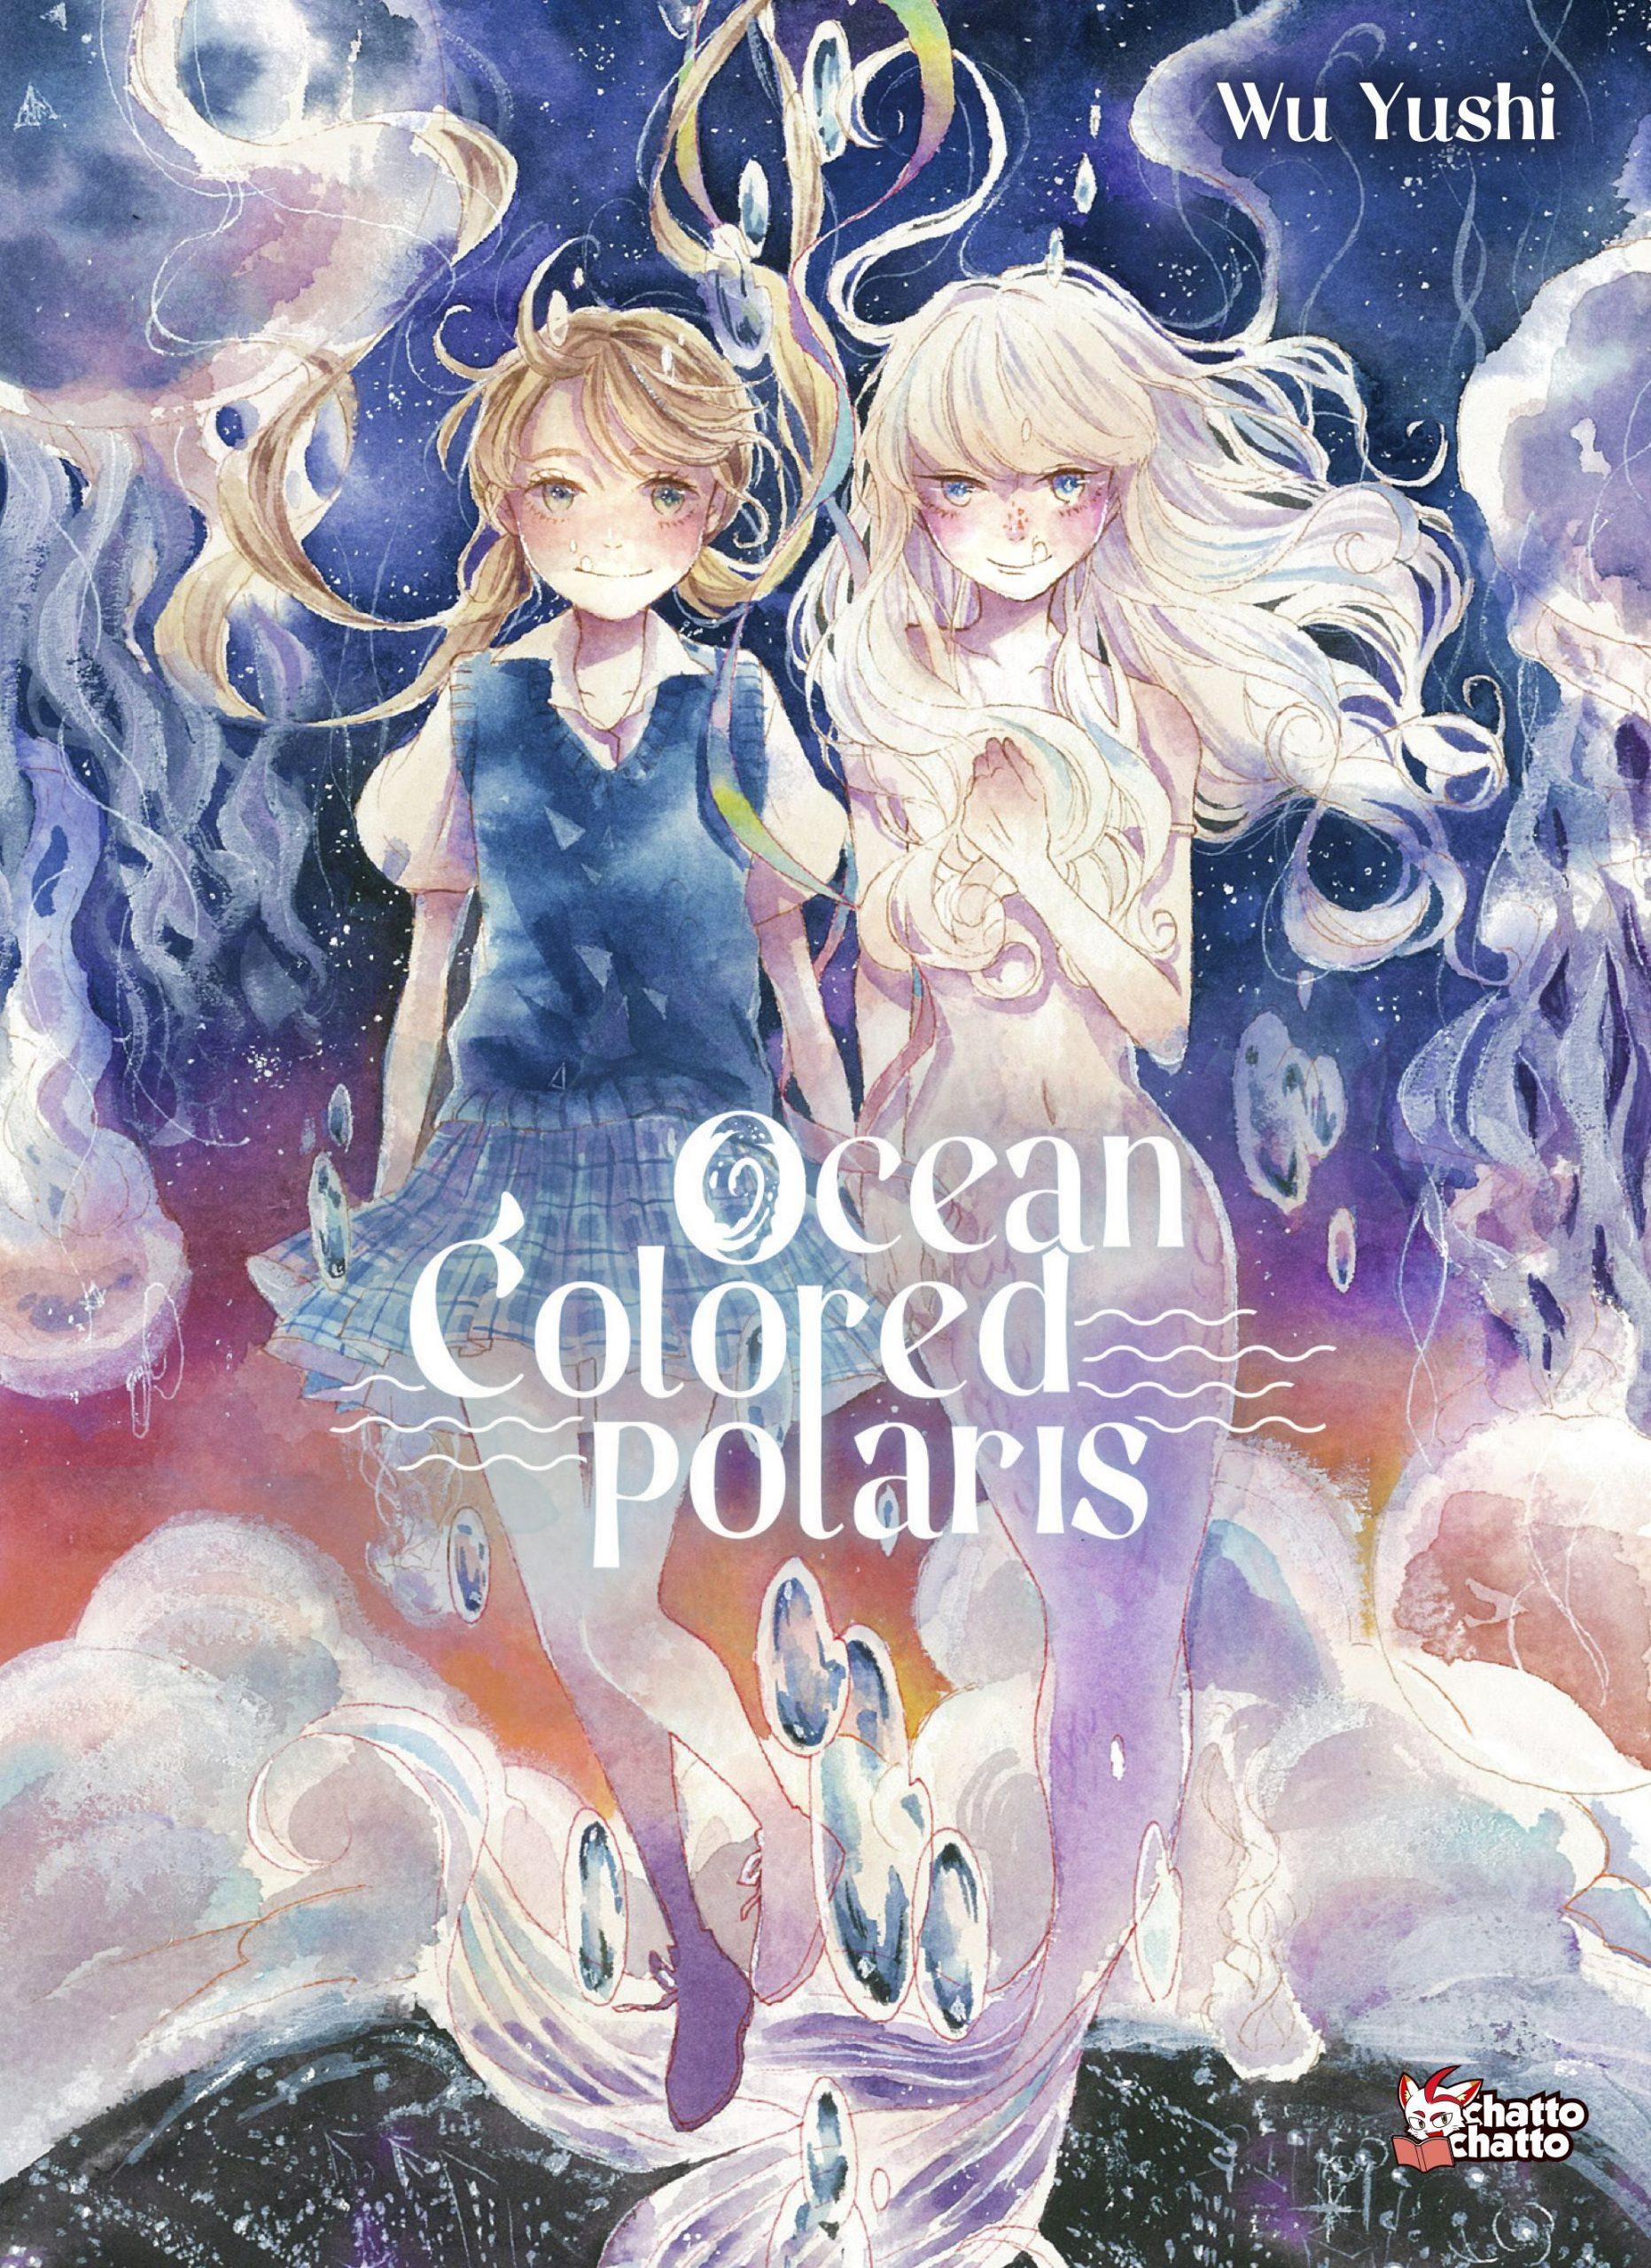 Ocean Colored Polaris – Un Shojo à la foi drôle et émouvant